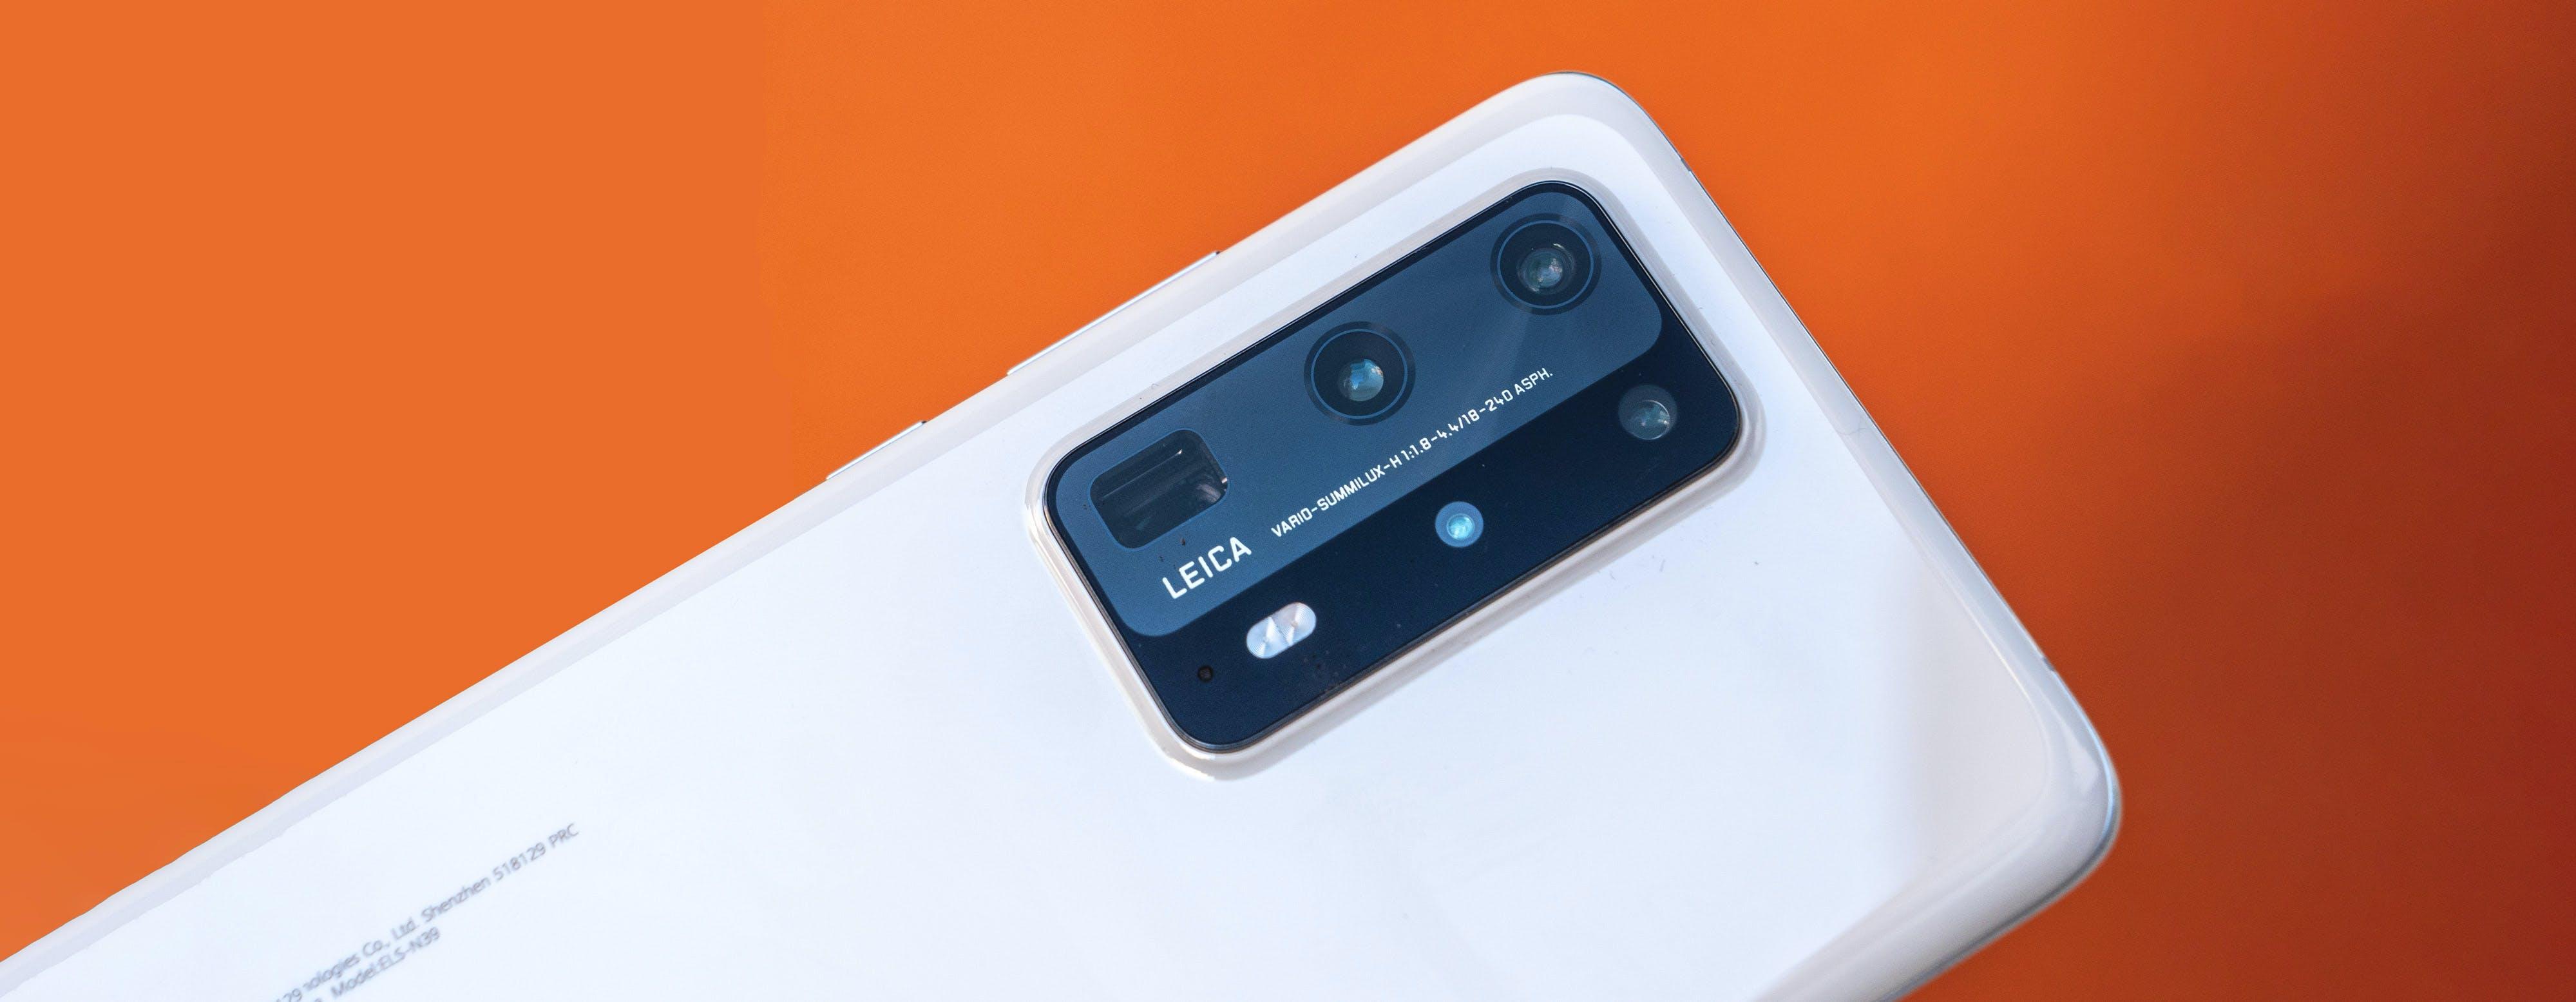 Huawei P40 Pro+, la prova fotografica del super zoom 10x. Qualità impressionante, ma si può vivere senza